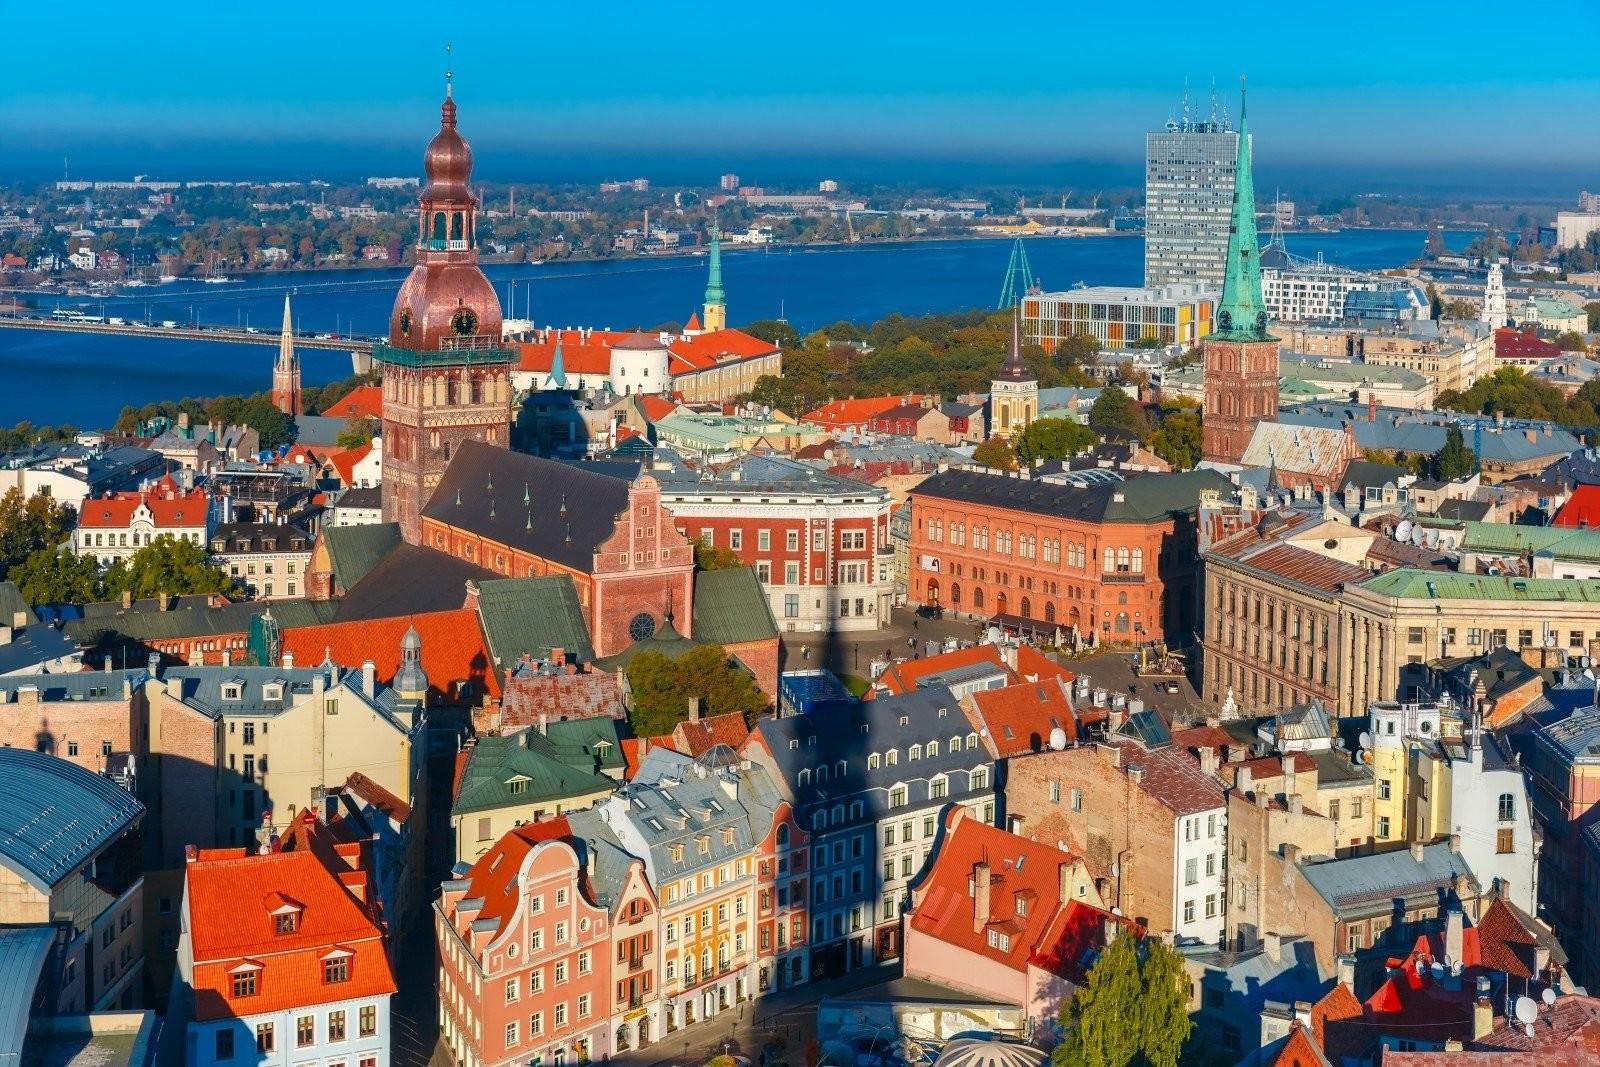 Erfahrung in Riga, Lettland - von Preetha